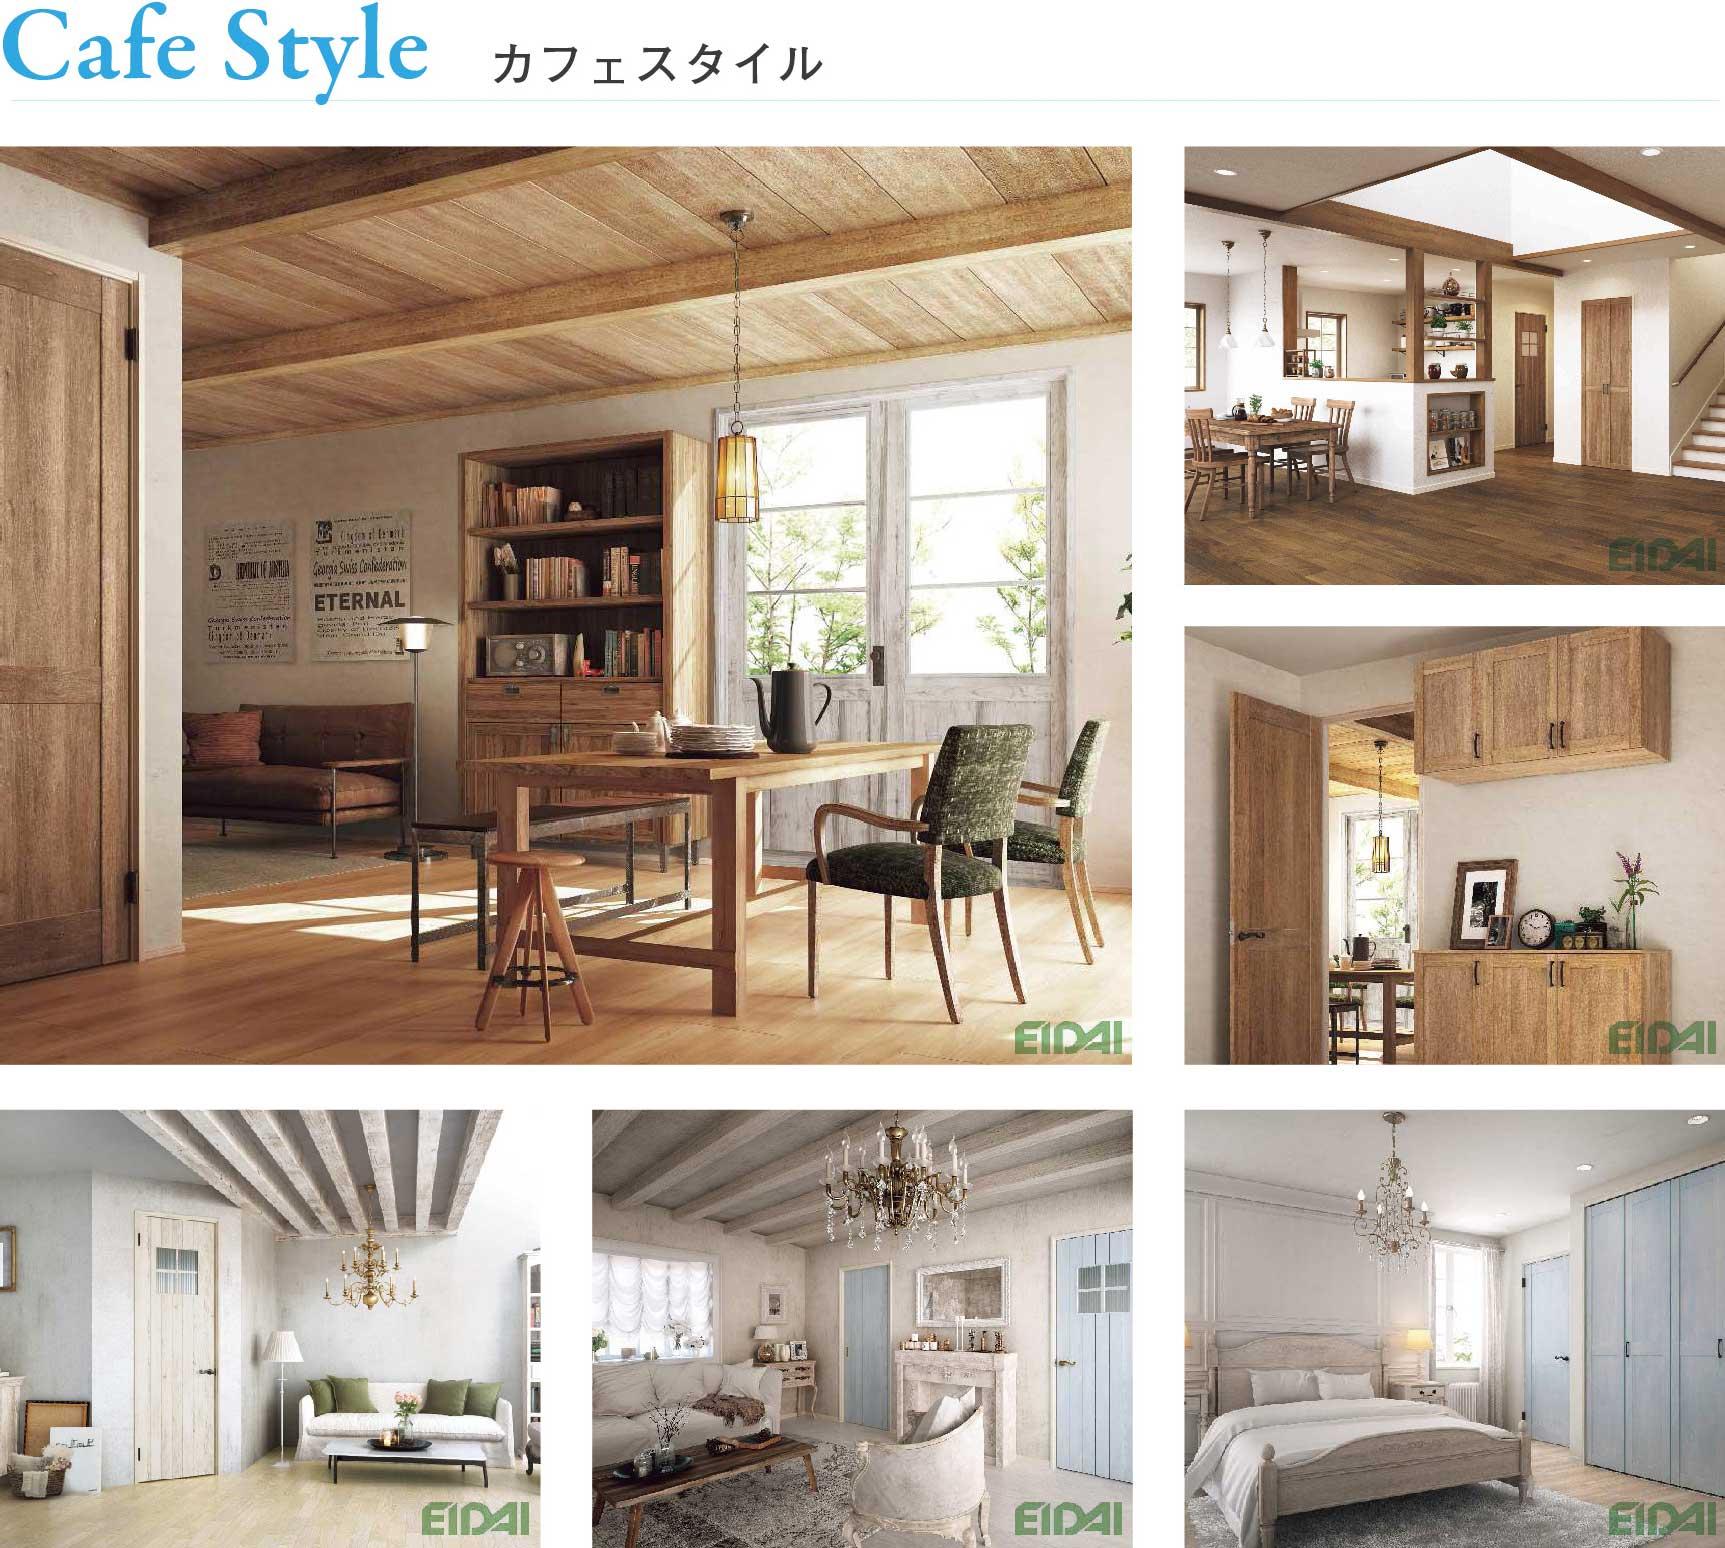 注文住宅の施工写真例「カフェスタイル Cafe Style」